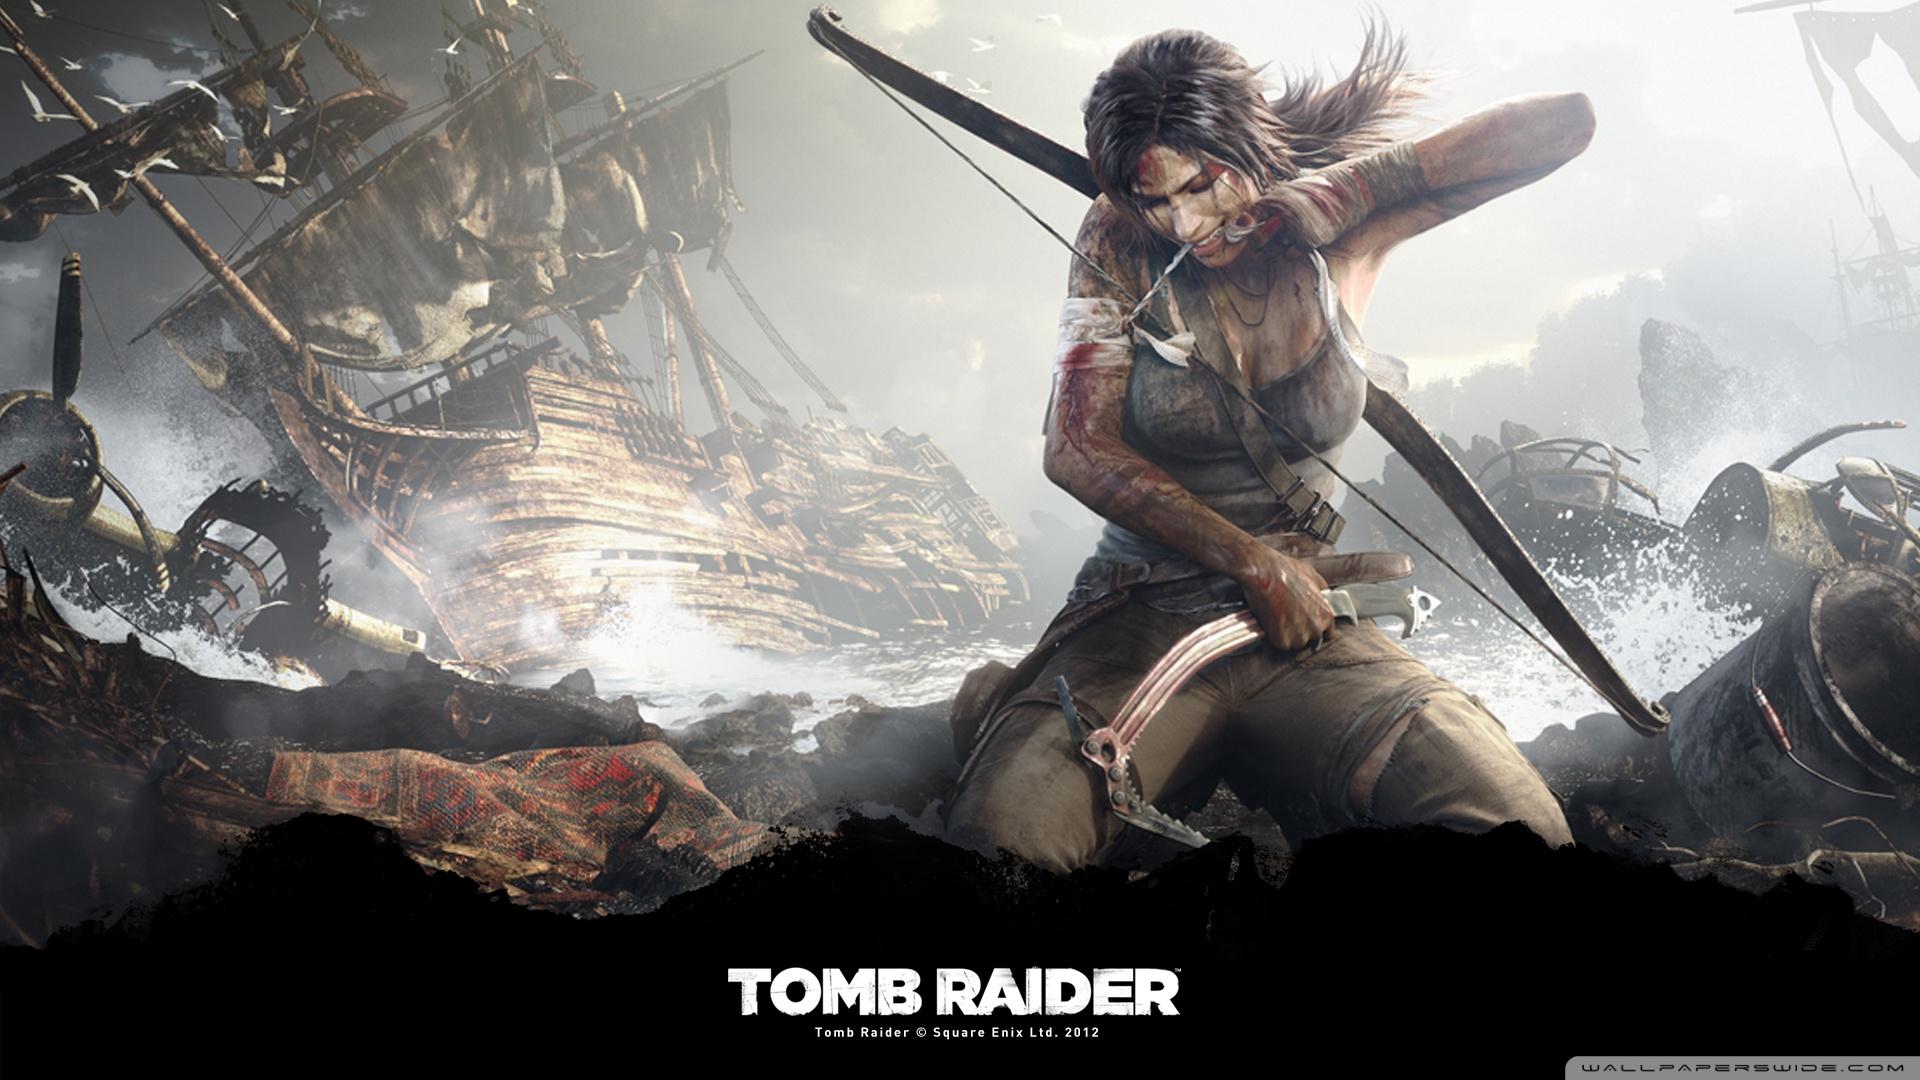 Tomb Raider Survivor 2013 Wallpaper 1920x1080 Tomb Raider Survivor 1920x1080